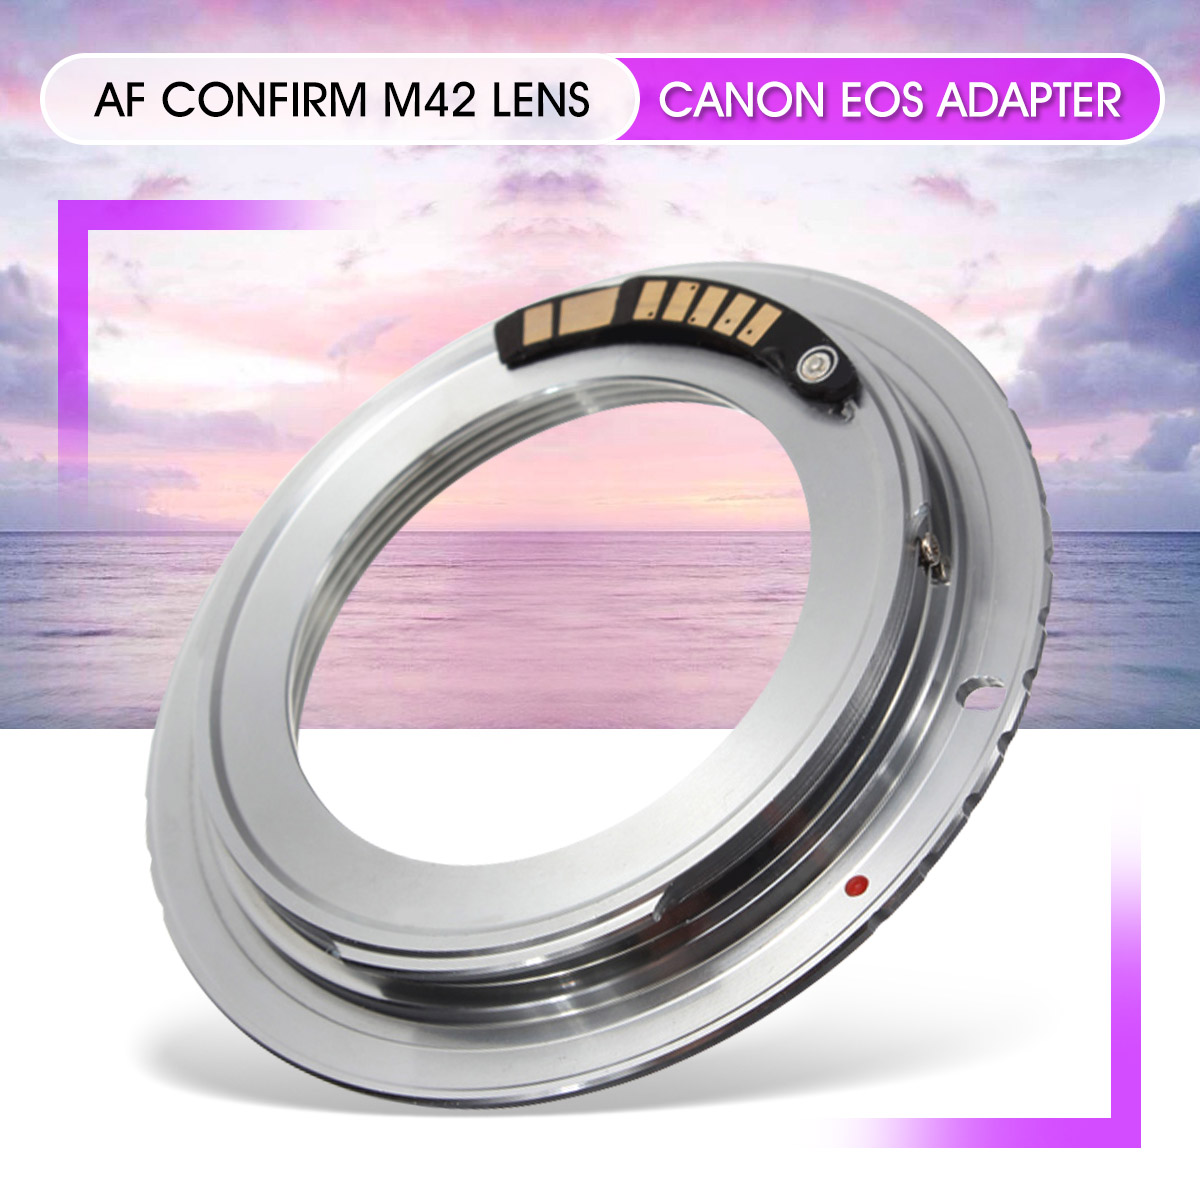 1 Pcs Latão AF Confirmar Chip De M42 Lens para a Canon para EOS Adaptador de Montagem 60D 50D 40D 600D 550D 500D prata